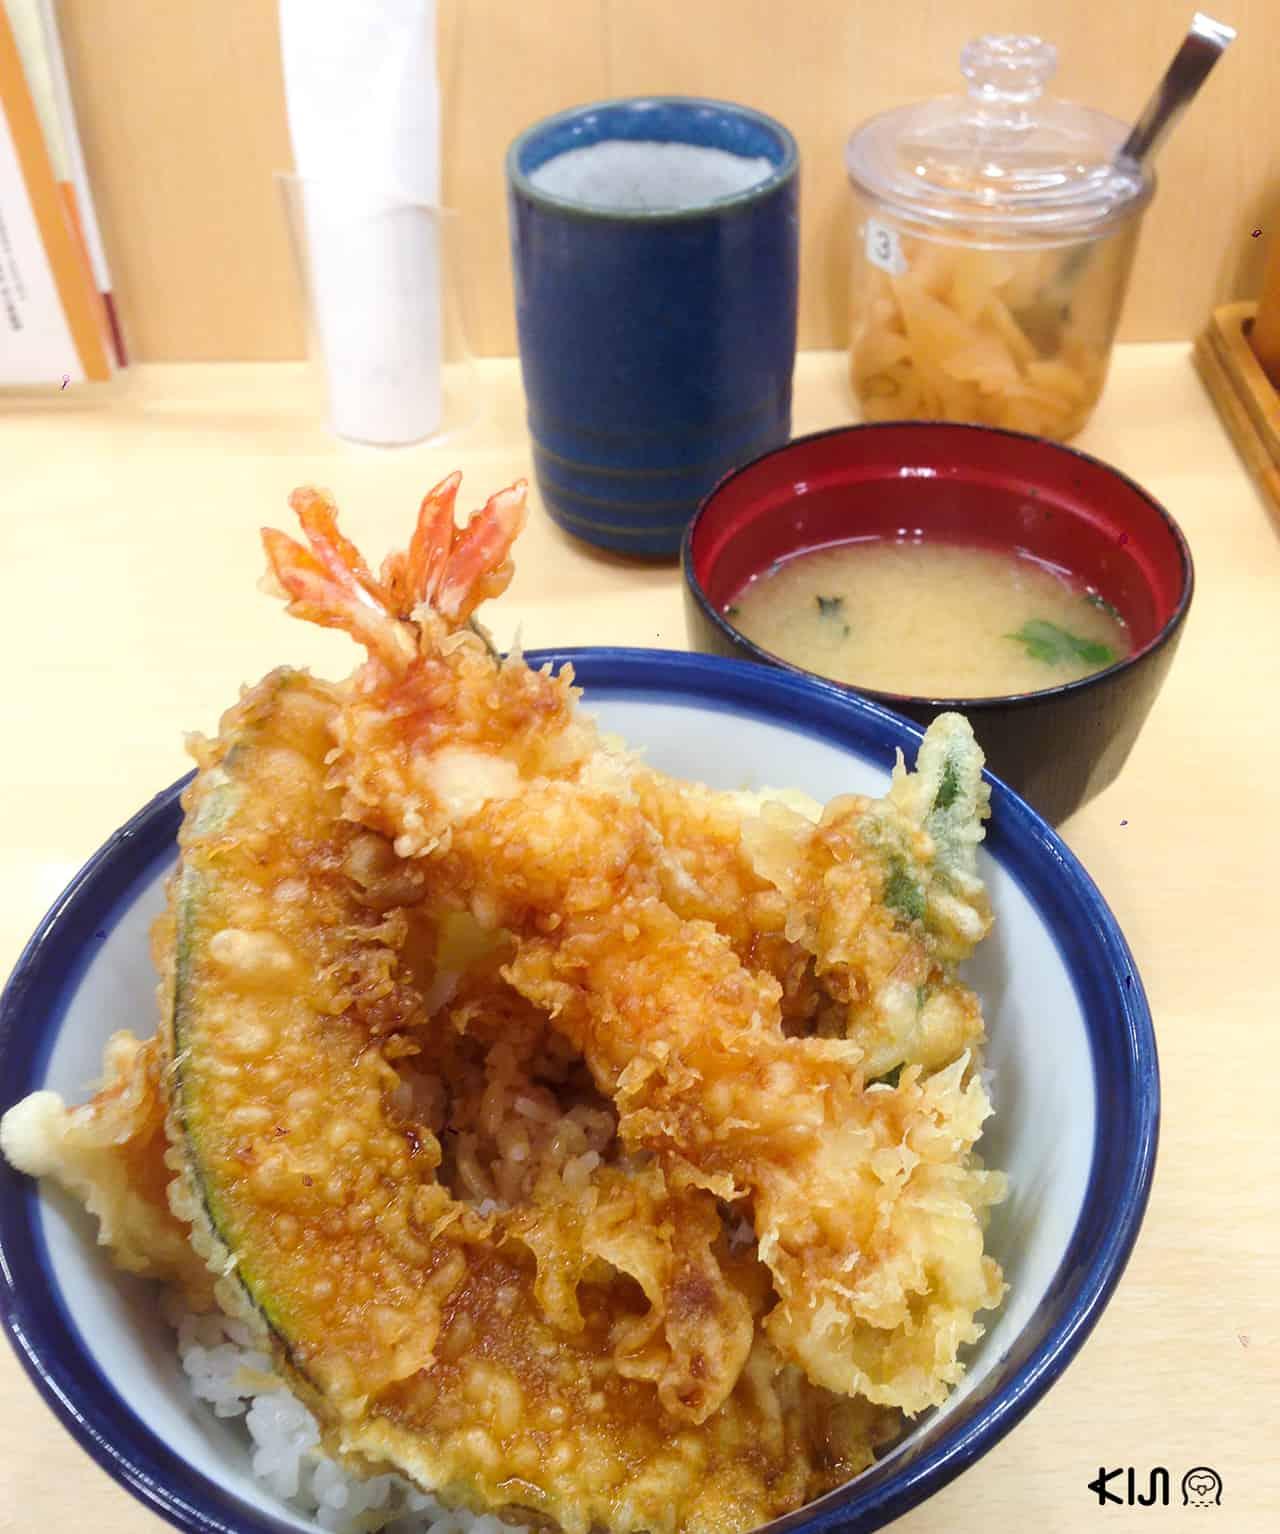 ฟาสต์ฟู้ดญี่ปุ่น : ข้าวหน้าเทมปุระ ร้าน Tenya